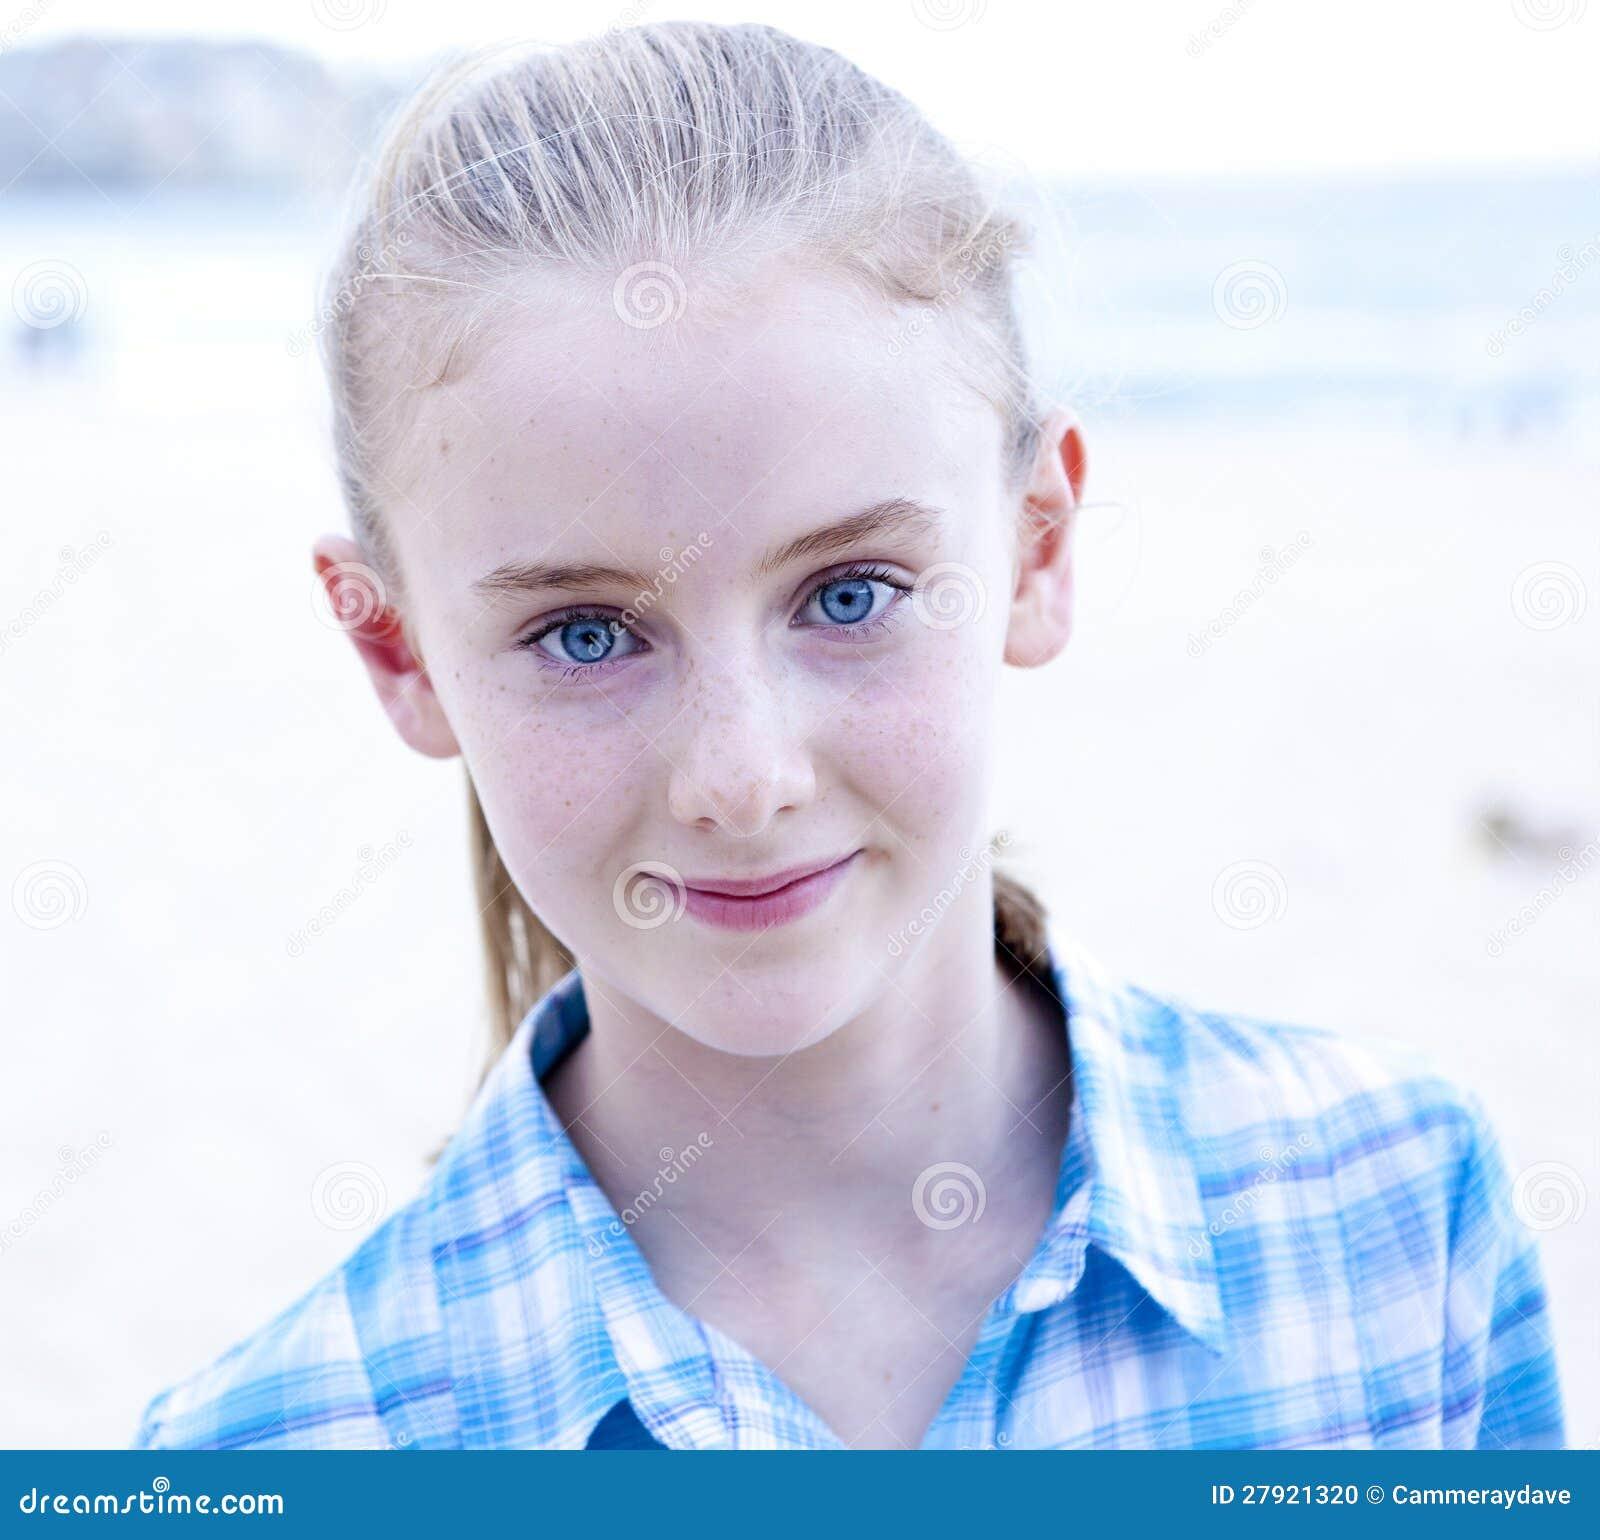 J'aime que les filles au yeux bleus sur le forum Blabla 15